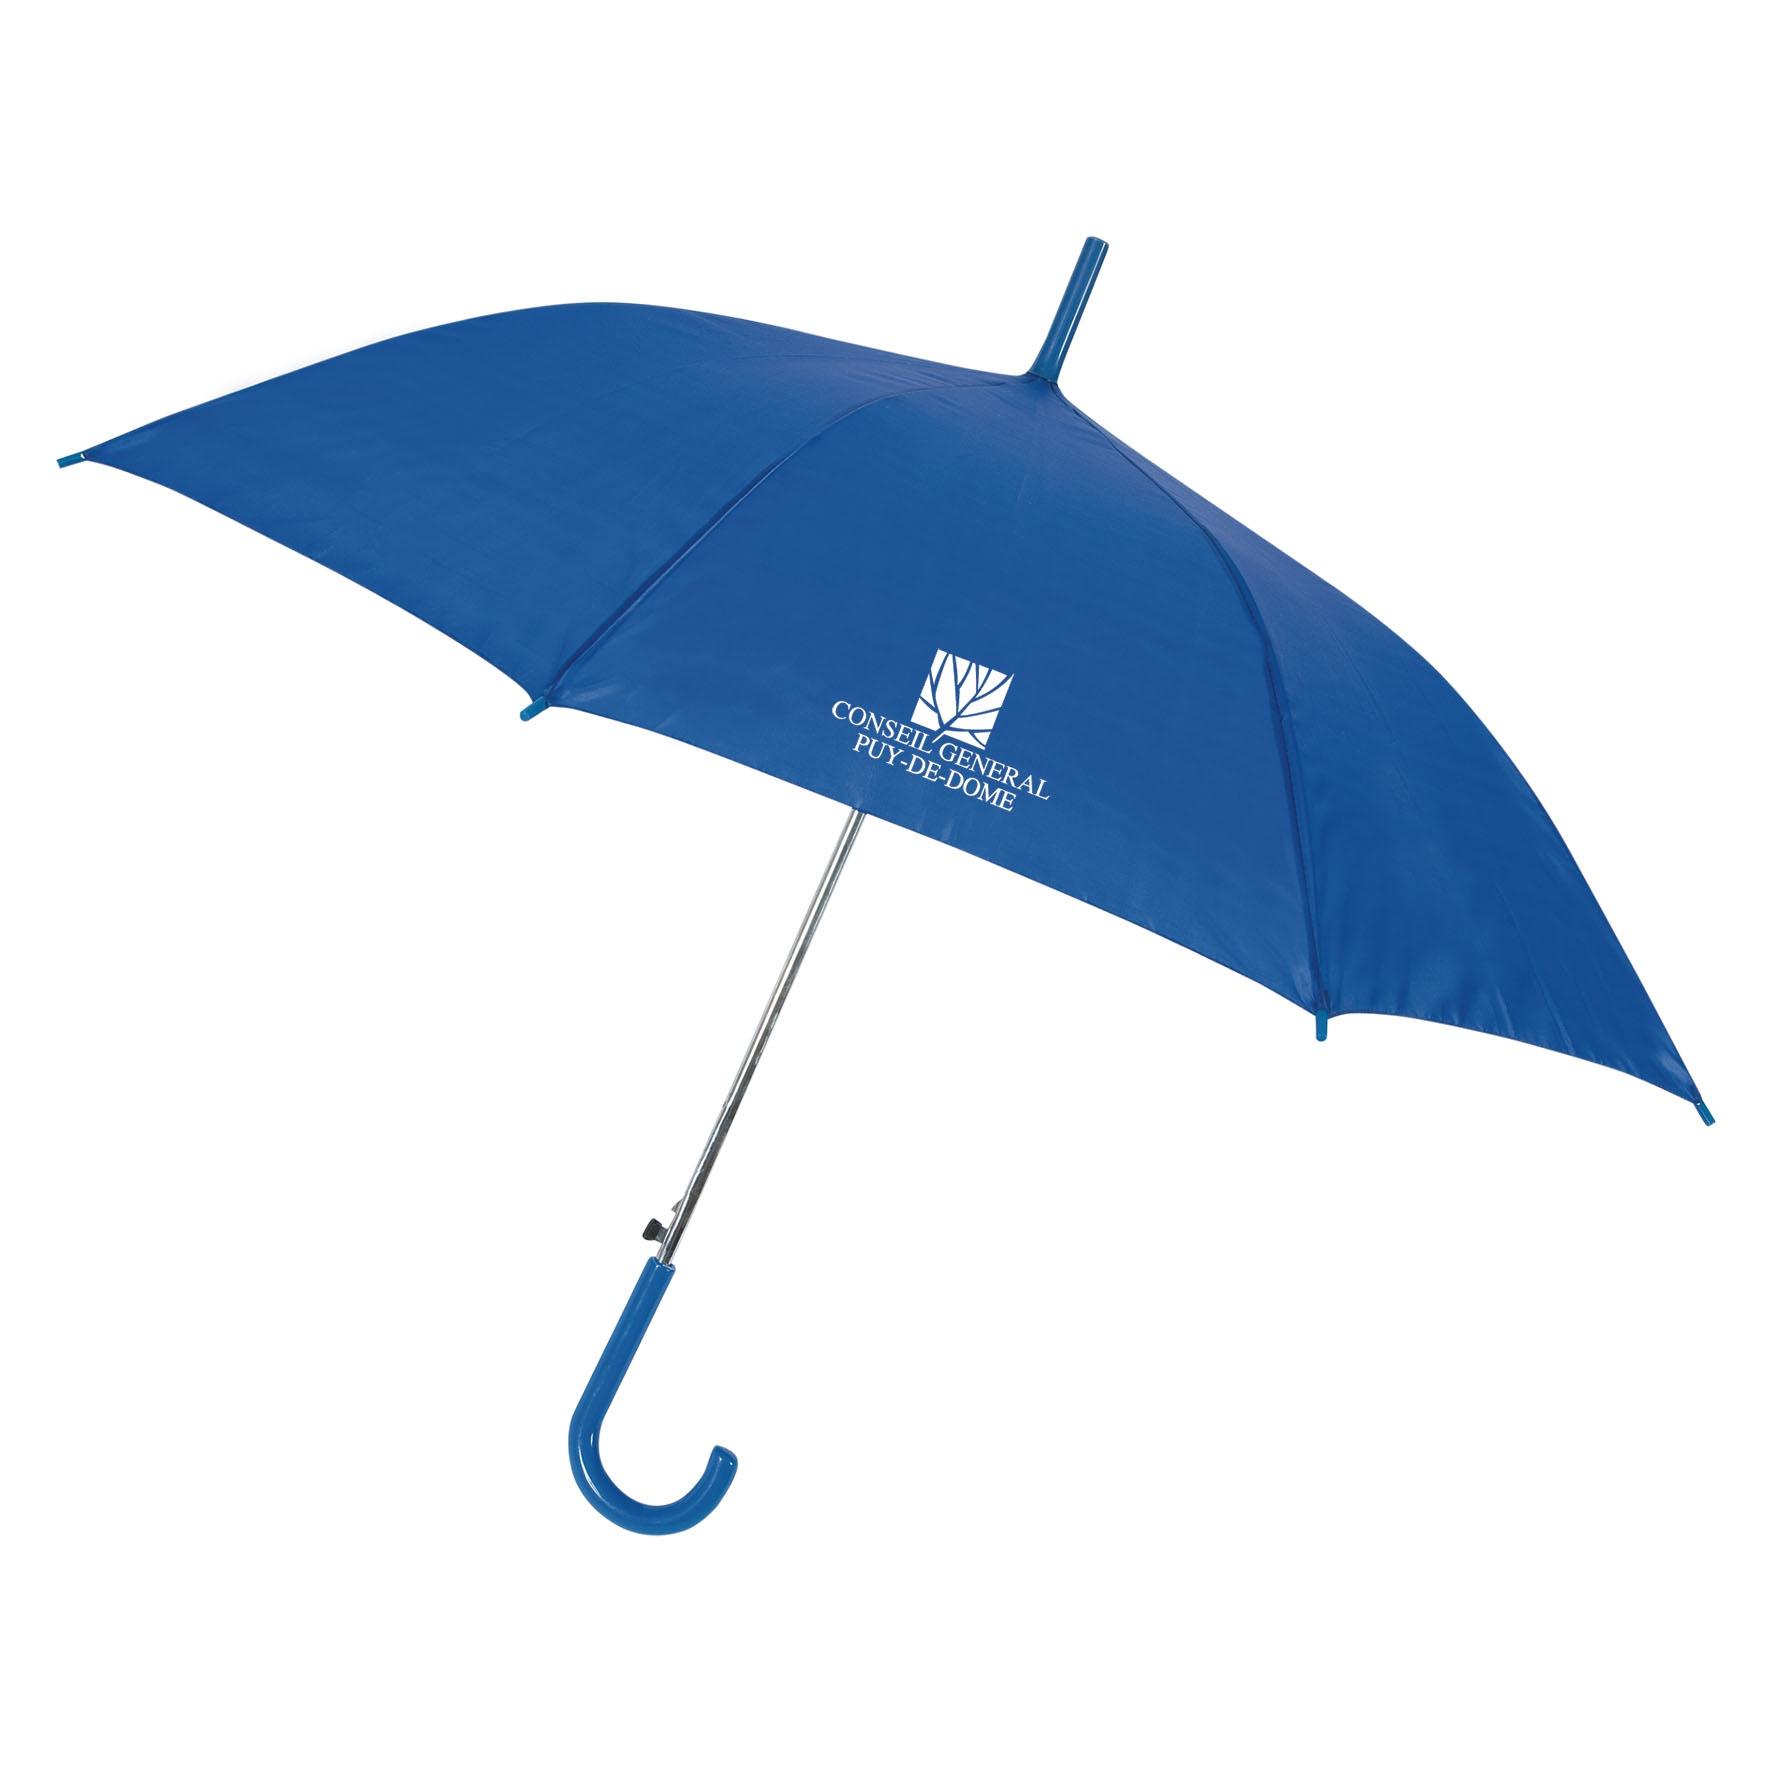 Parapluie promotionnel canne Glav - Parapluie personnalisable